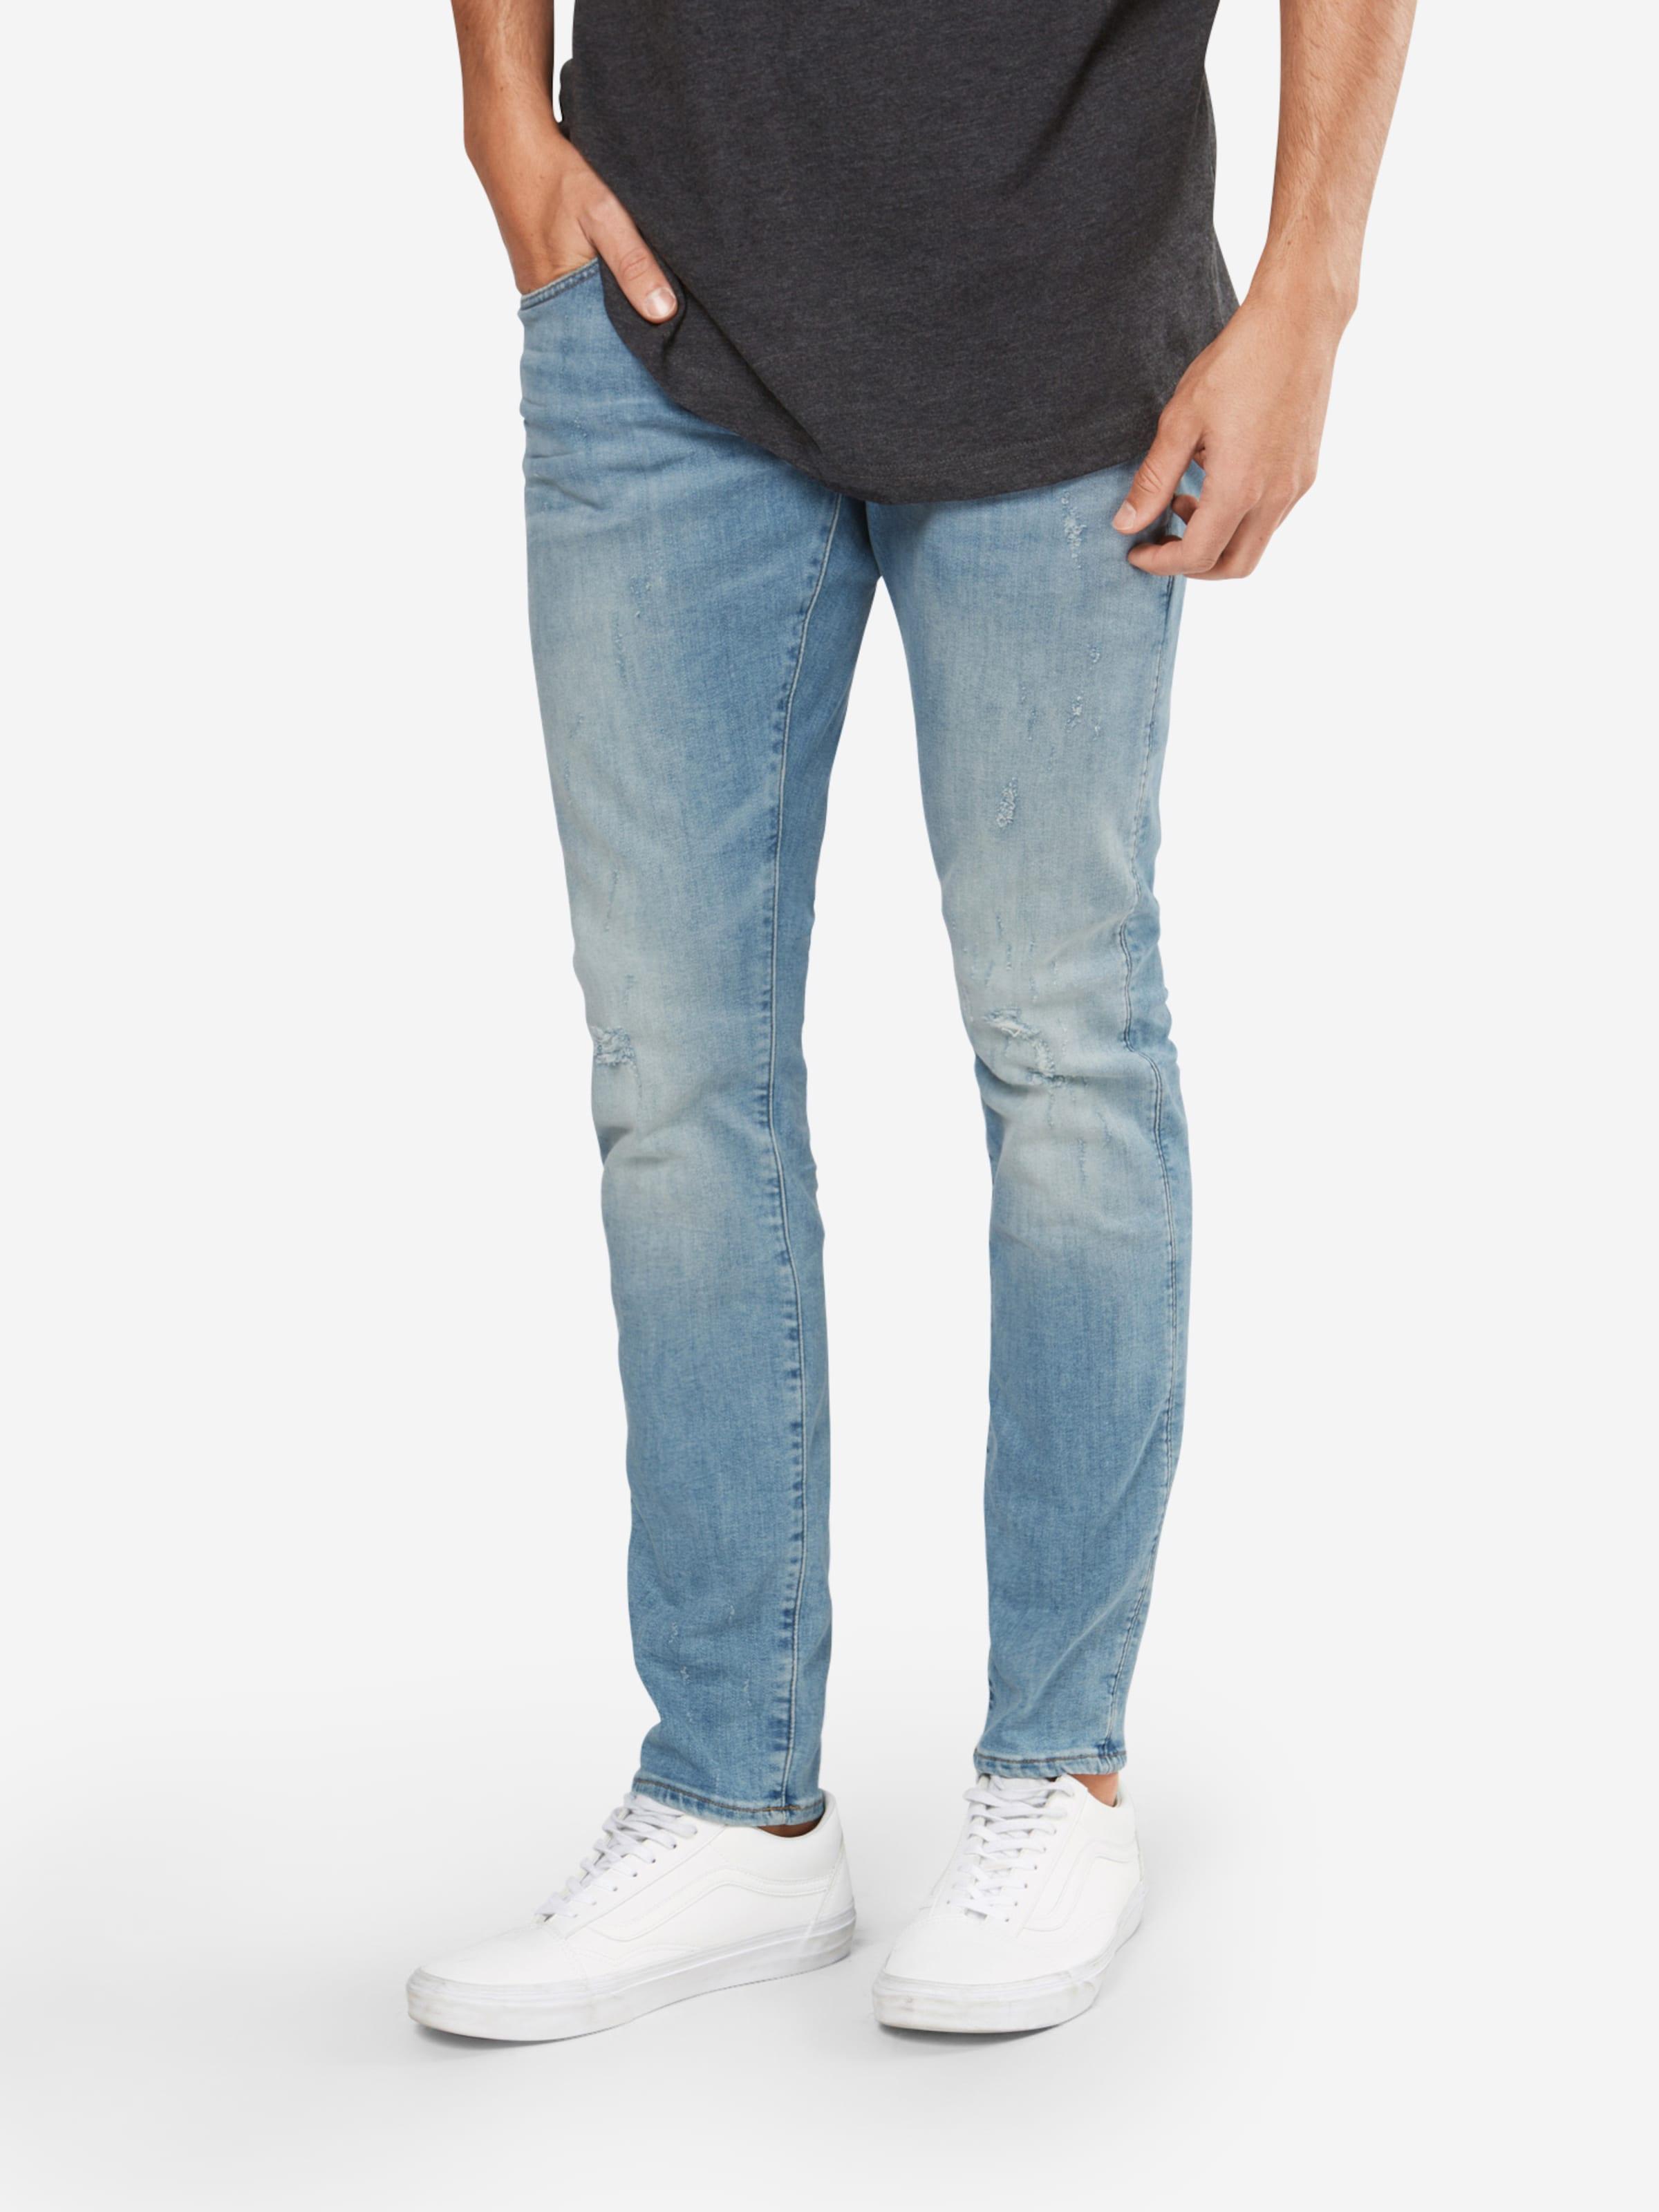 '3301 Raw Jeans star G Denim Blue Deconstructed' In jzGpLqSMVU